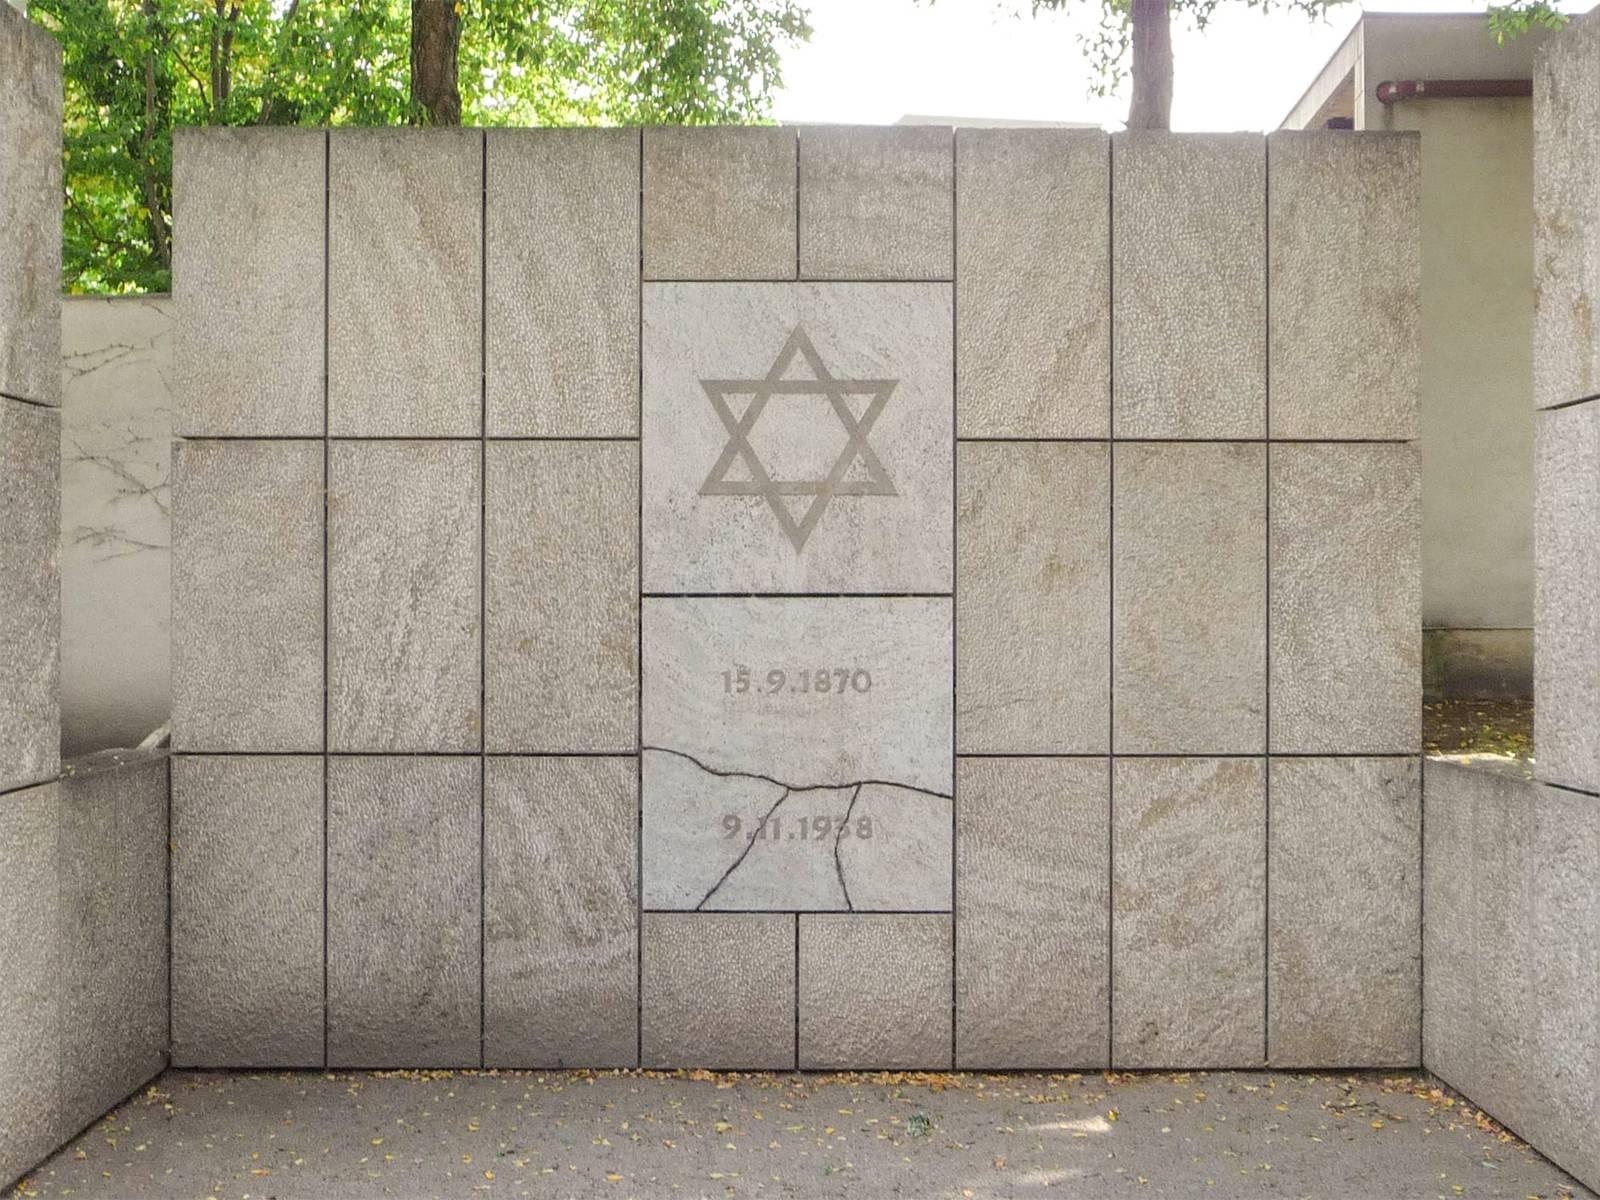 Innenraum des Gedenkorts Neue Synagoge Hannover in der Roten Reihe